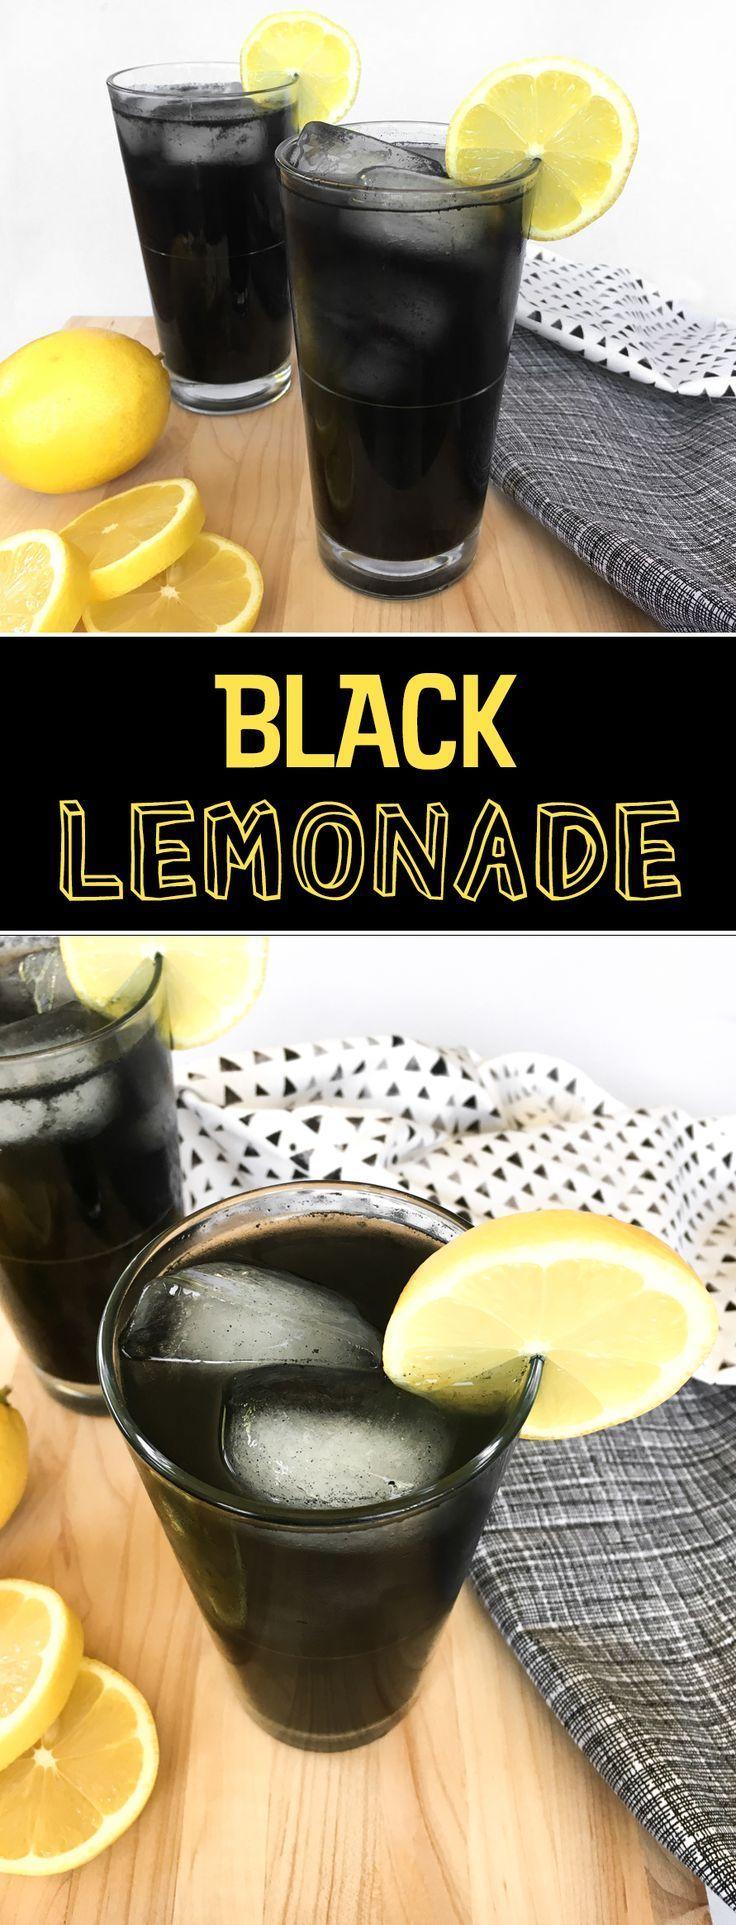 Schwarze Limonade ist ein Erfrischungsgetränk, das seine schwarze Farbe von …